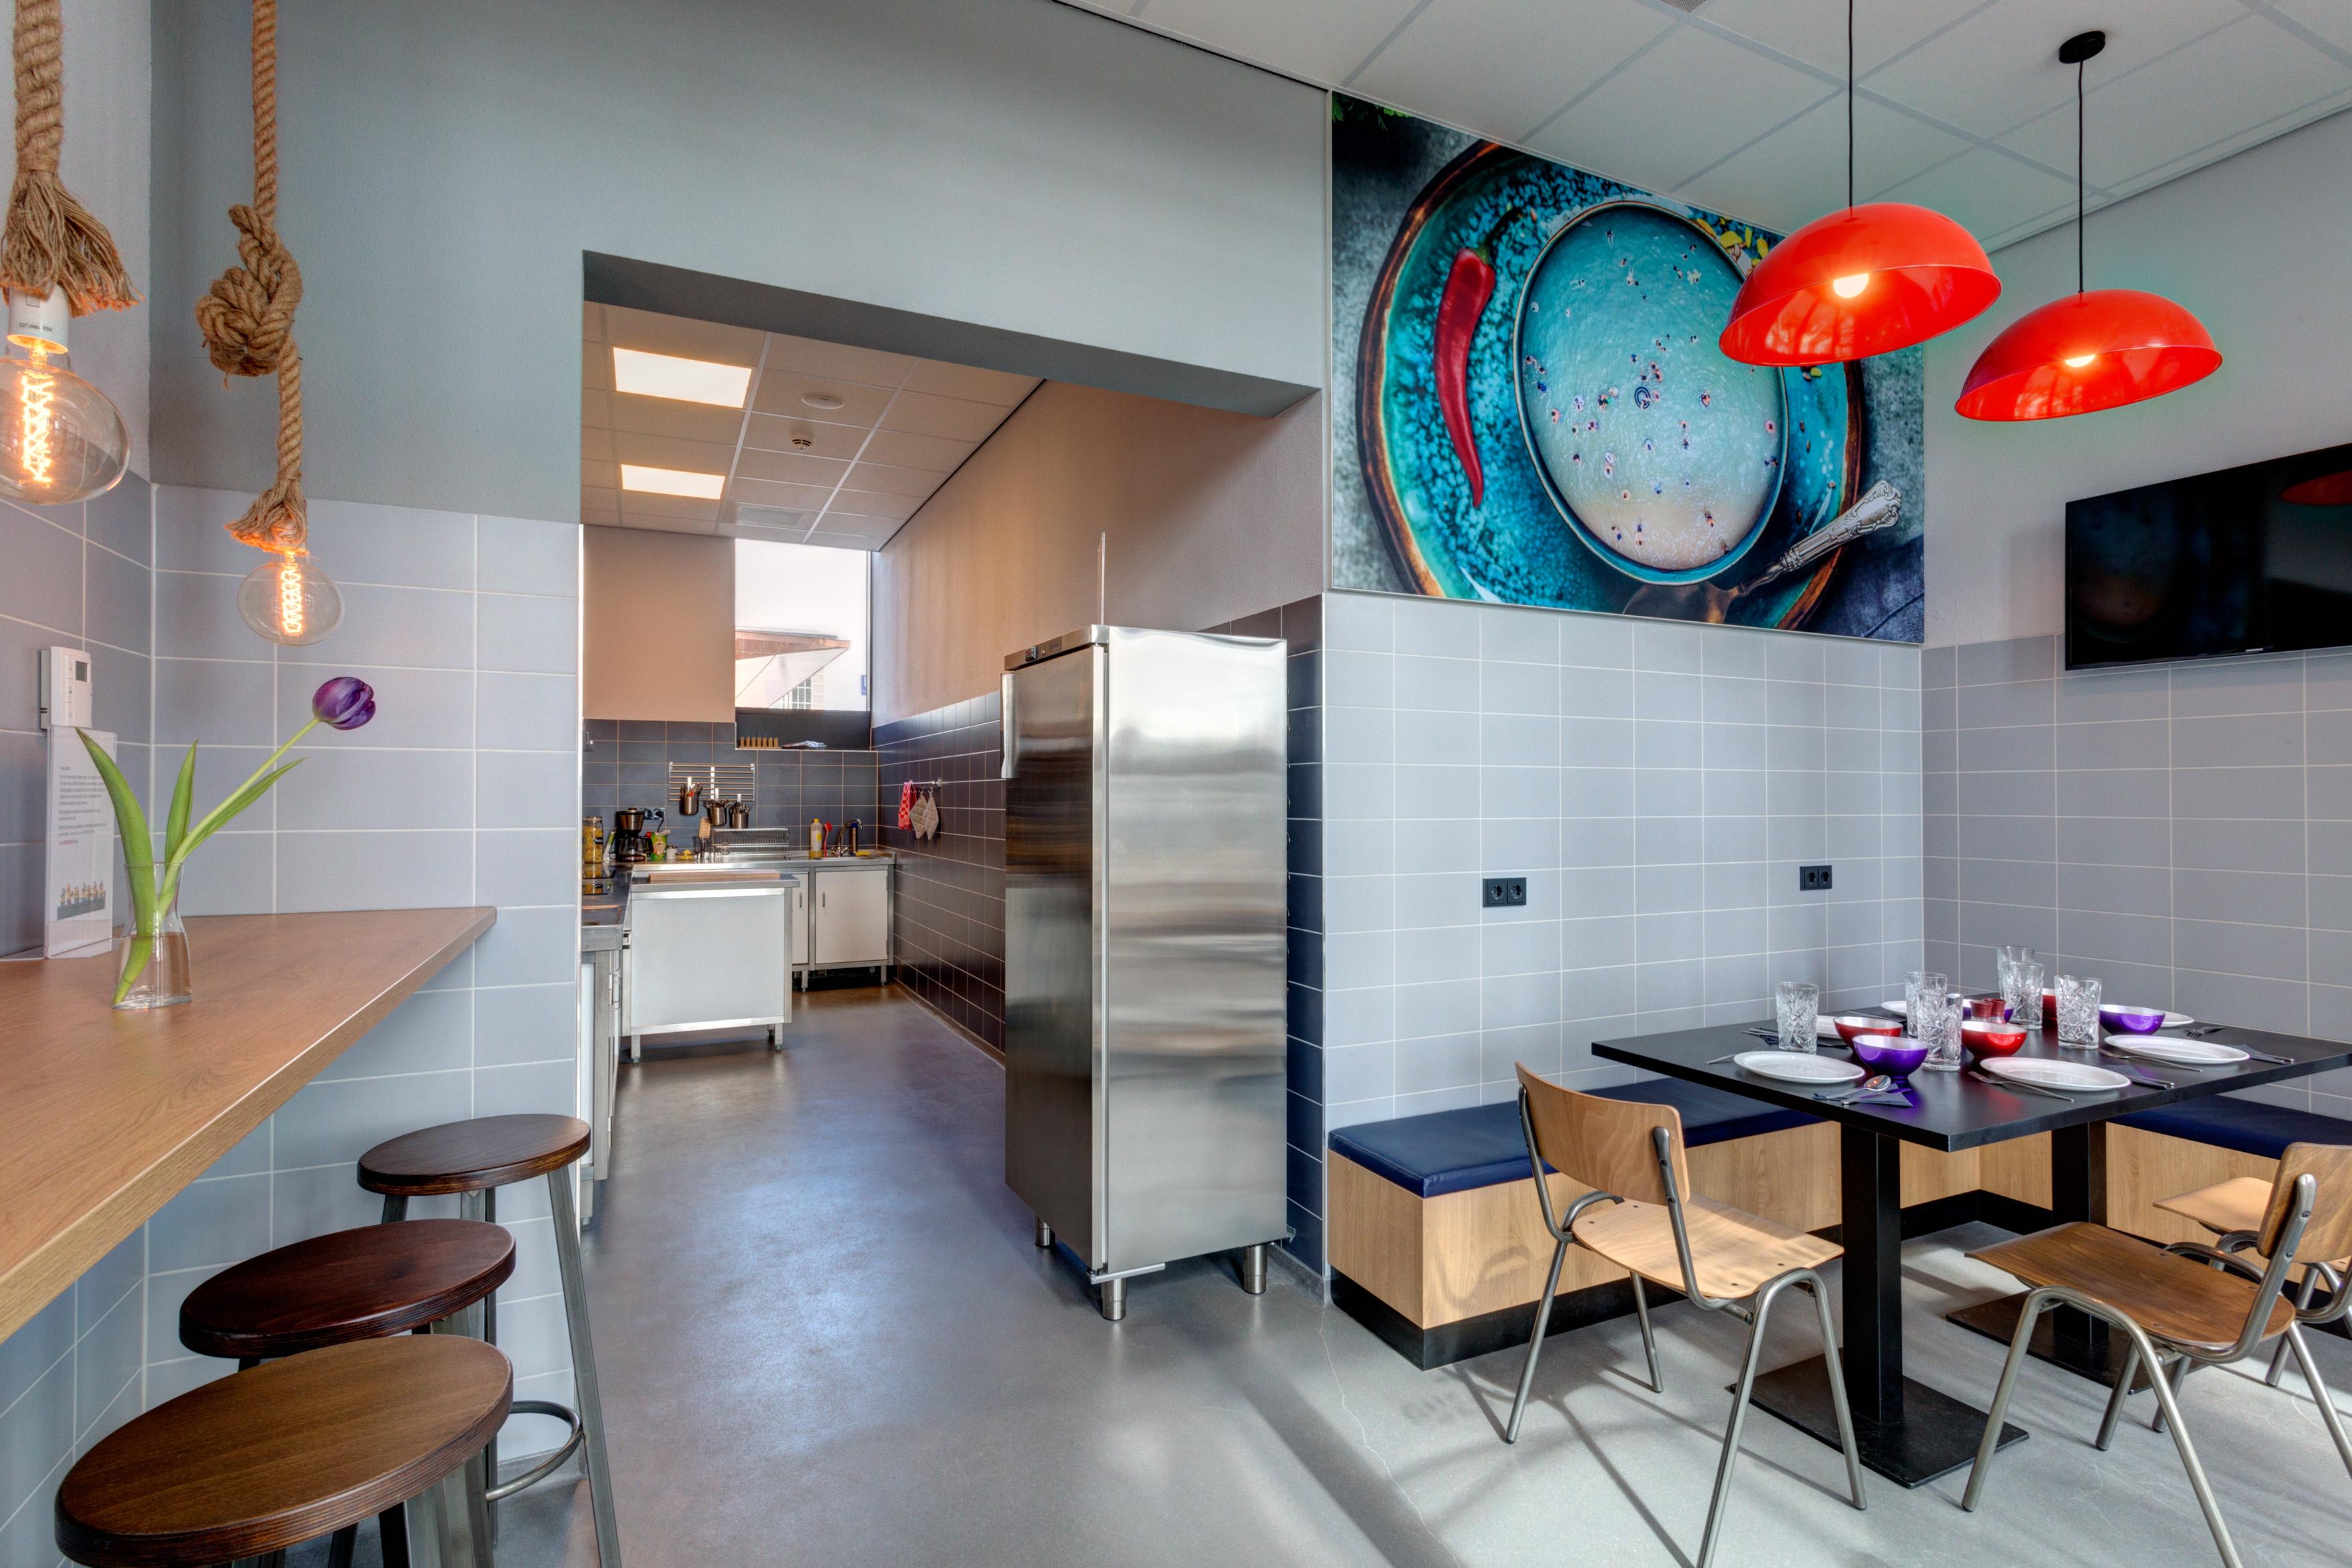 MEININGER Hotel Amsterdam Amstel - Cuisine commune